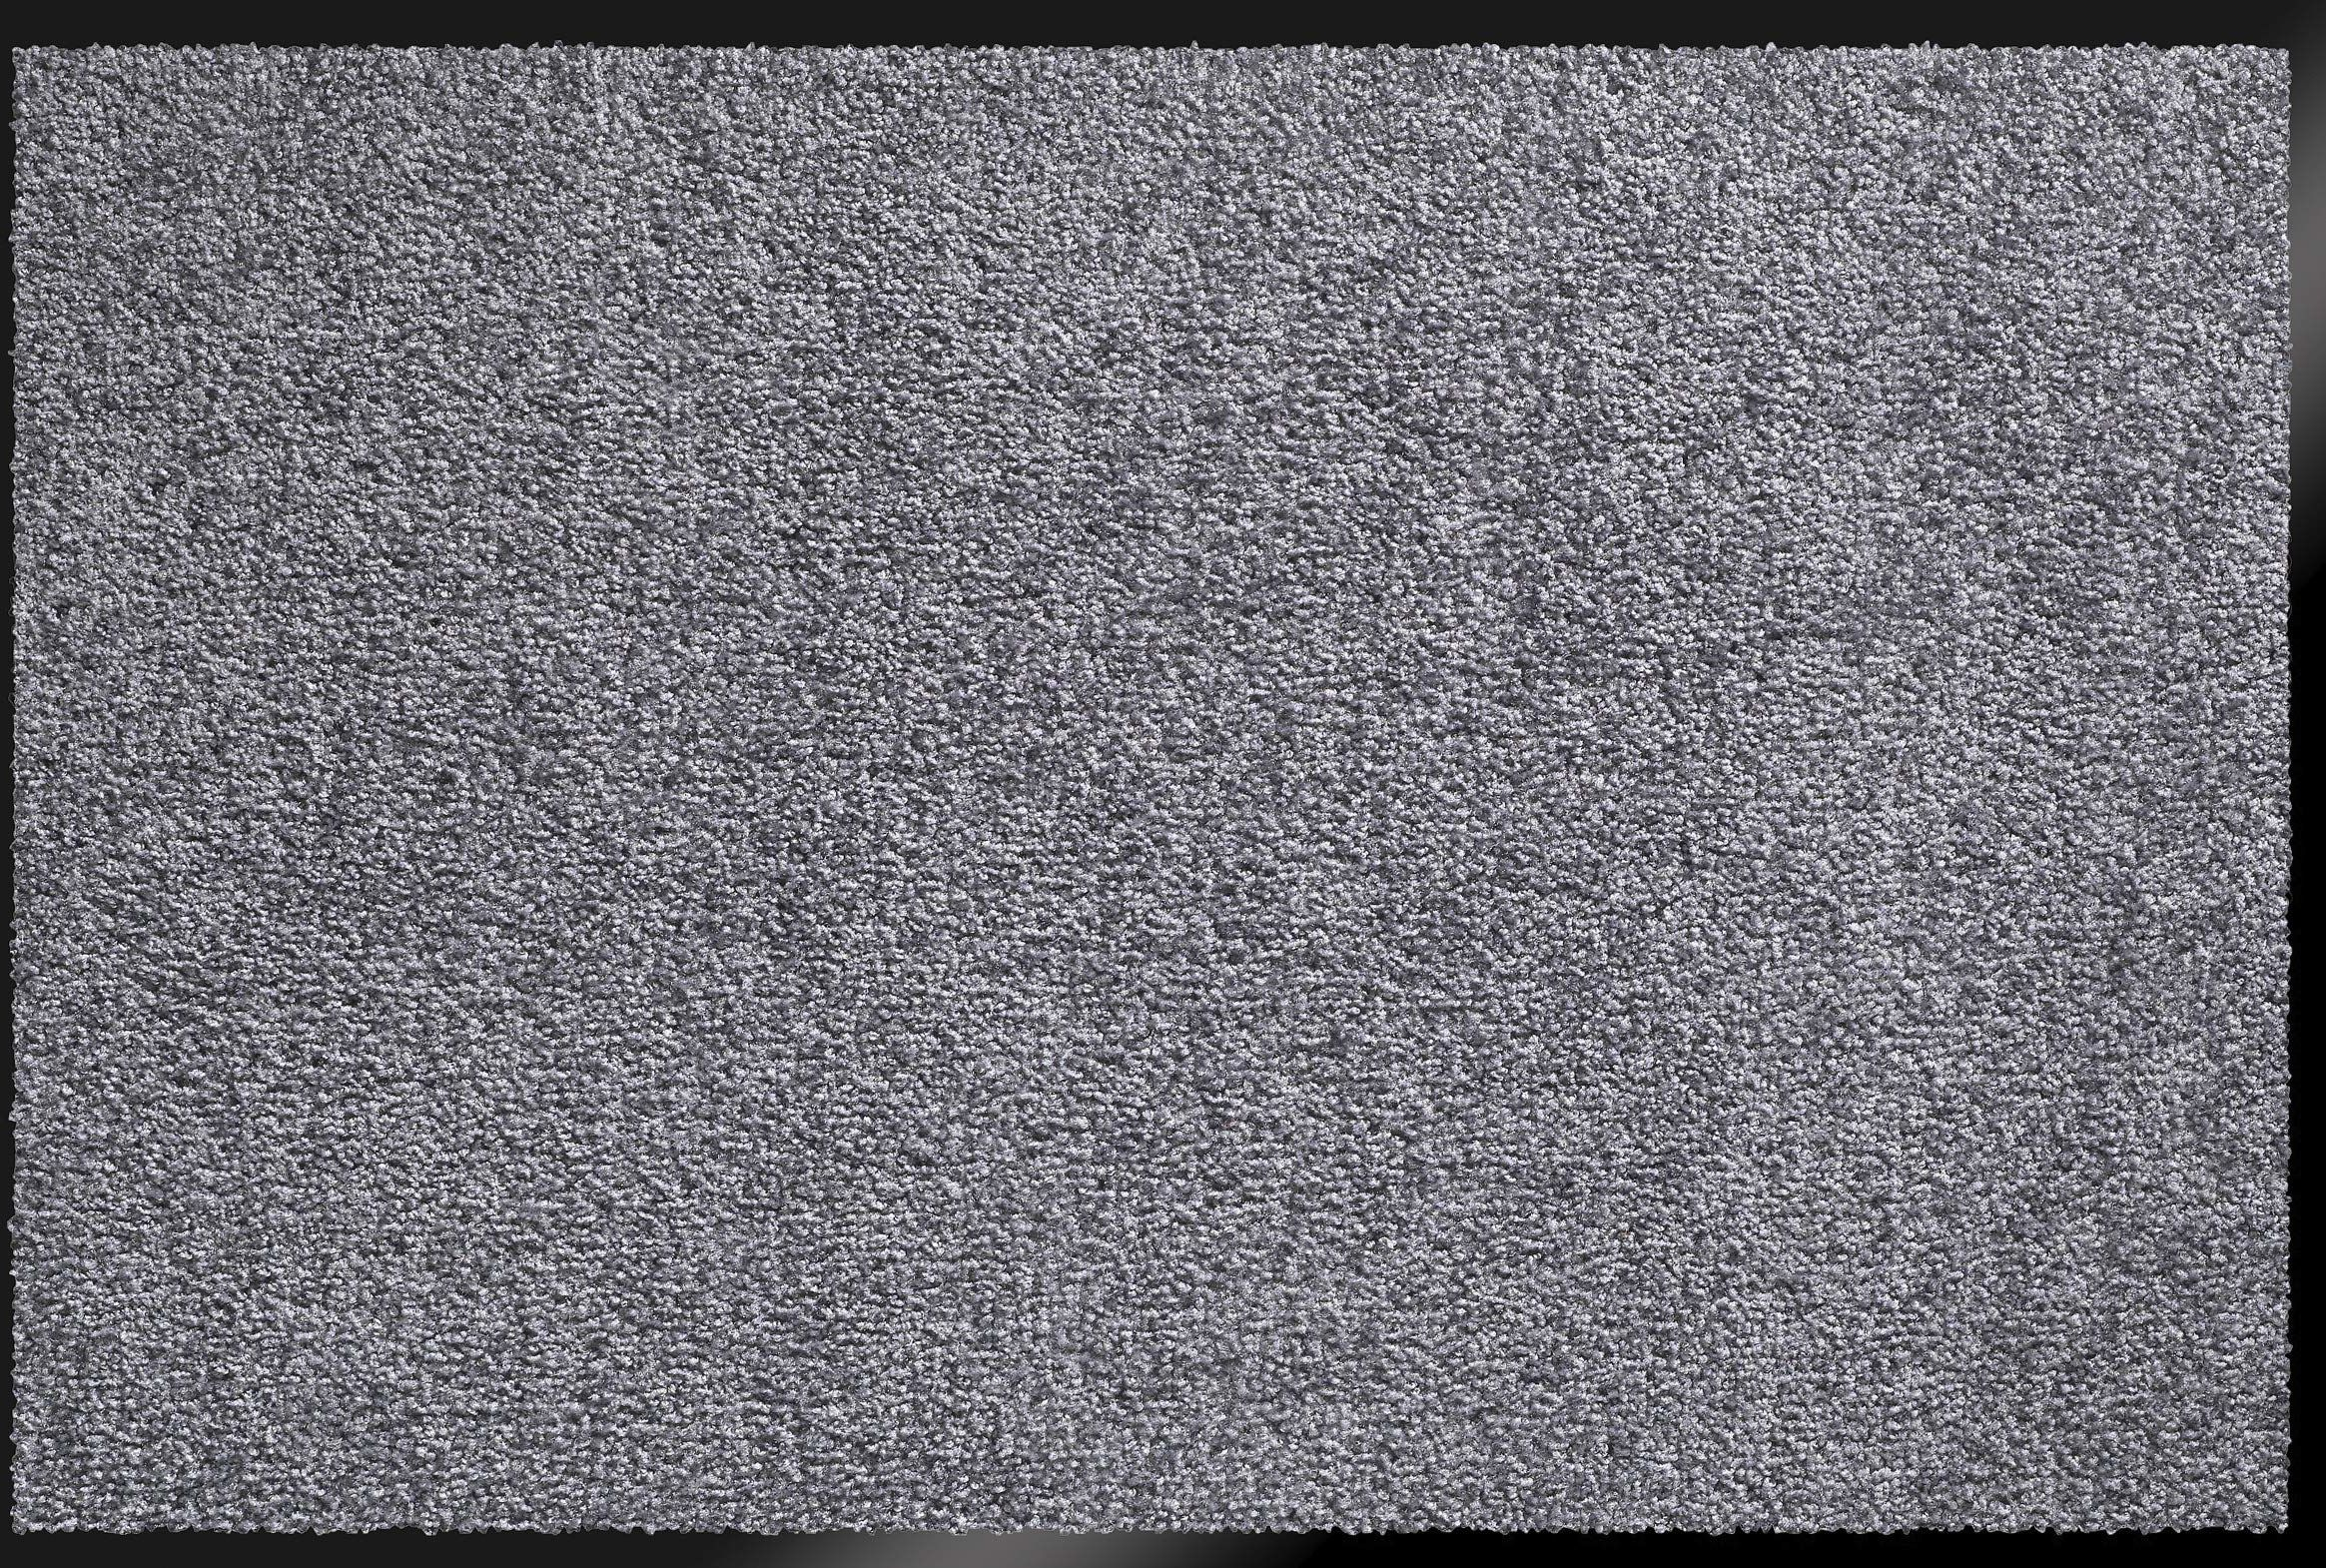 Mata identyfikacyjna 8012002 Mirande wycieraczka, włókno nylonowe/guma, wielokolorowy, 120 x 80 x 0,9 cm, szary, 80 x 120 cm